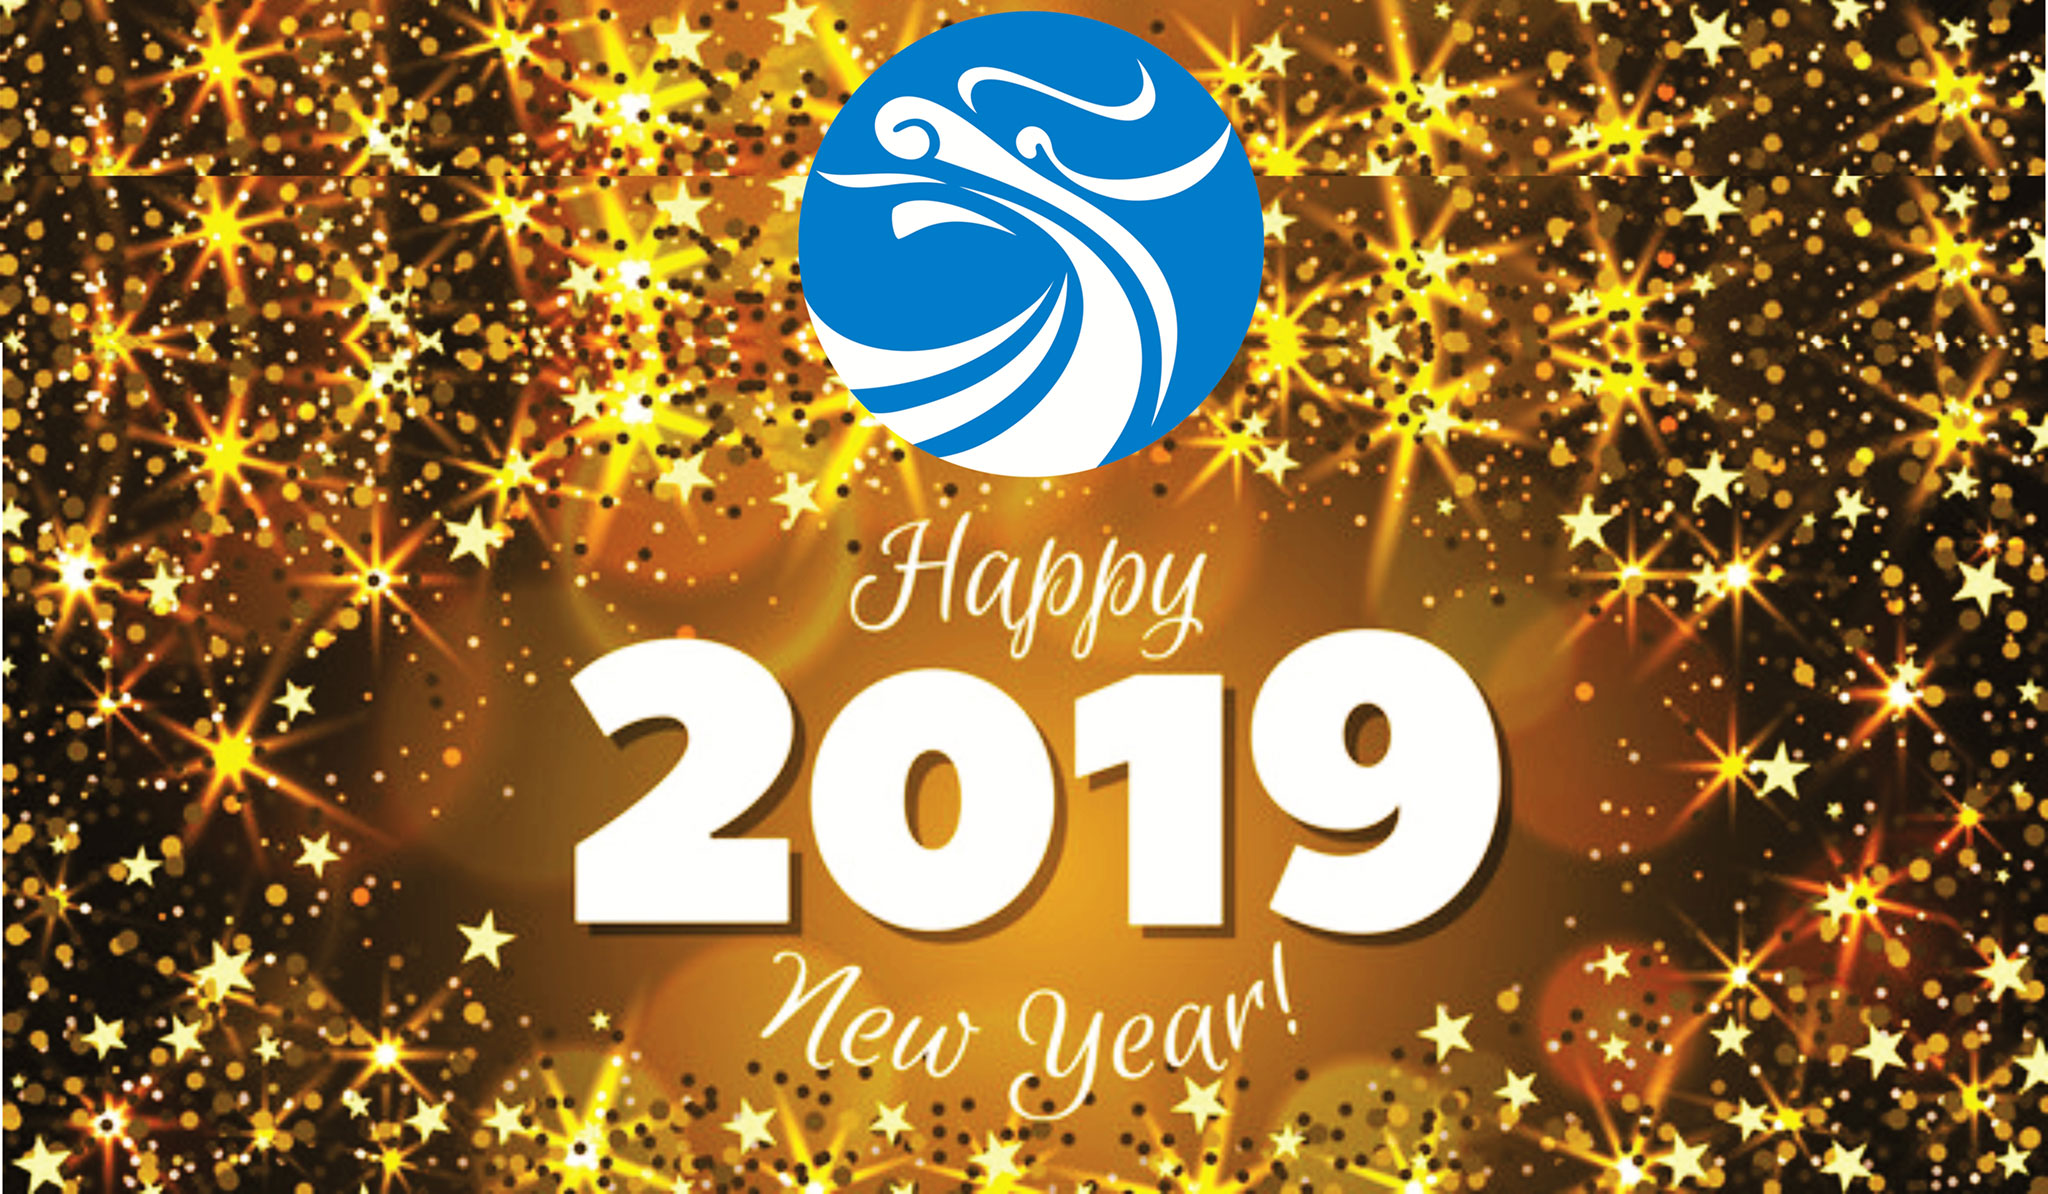 CHƯƠNG TRÌNH HAPPY NEW YEAR 2019